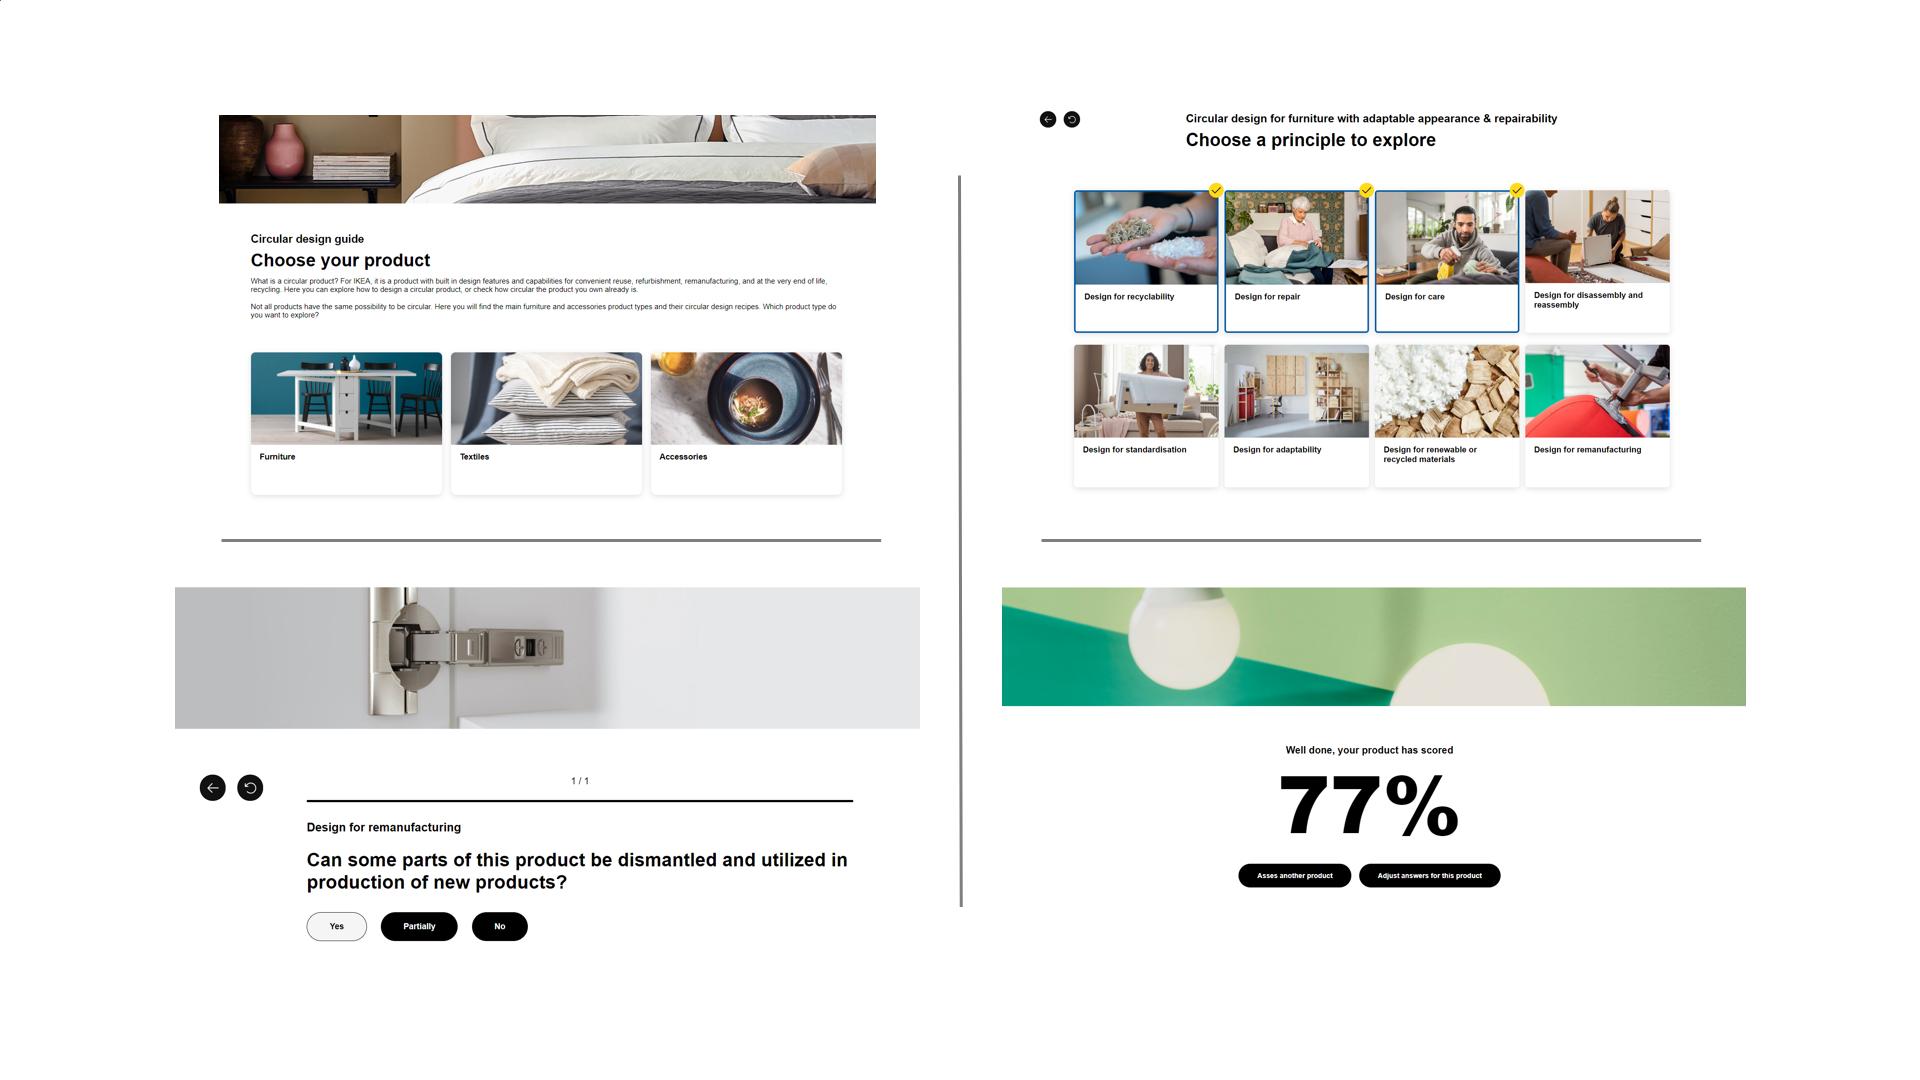 Screenshot of circular design interactive tool